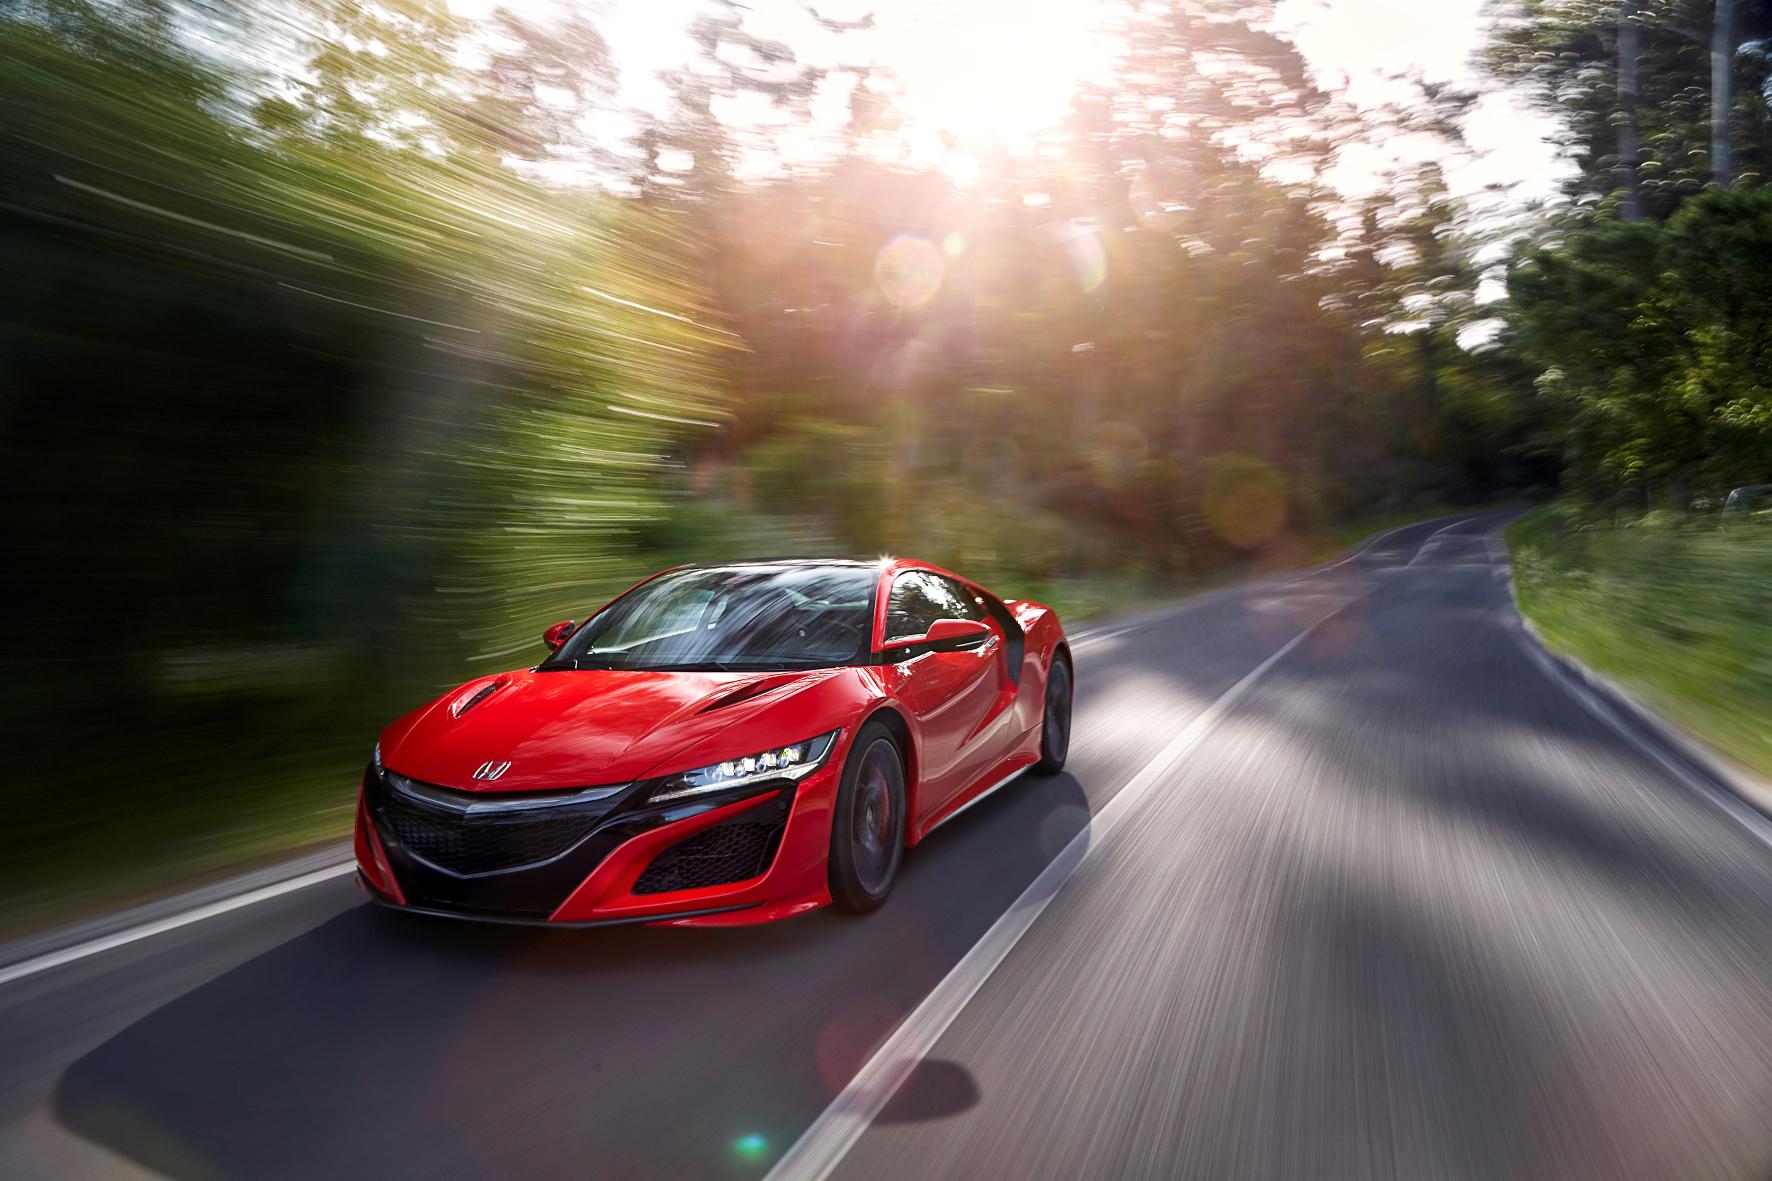 mid Estoril - Die zweite Generation des Supersportlers Honda NSX kommt im September 2016 nach Deutschland.